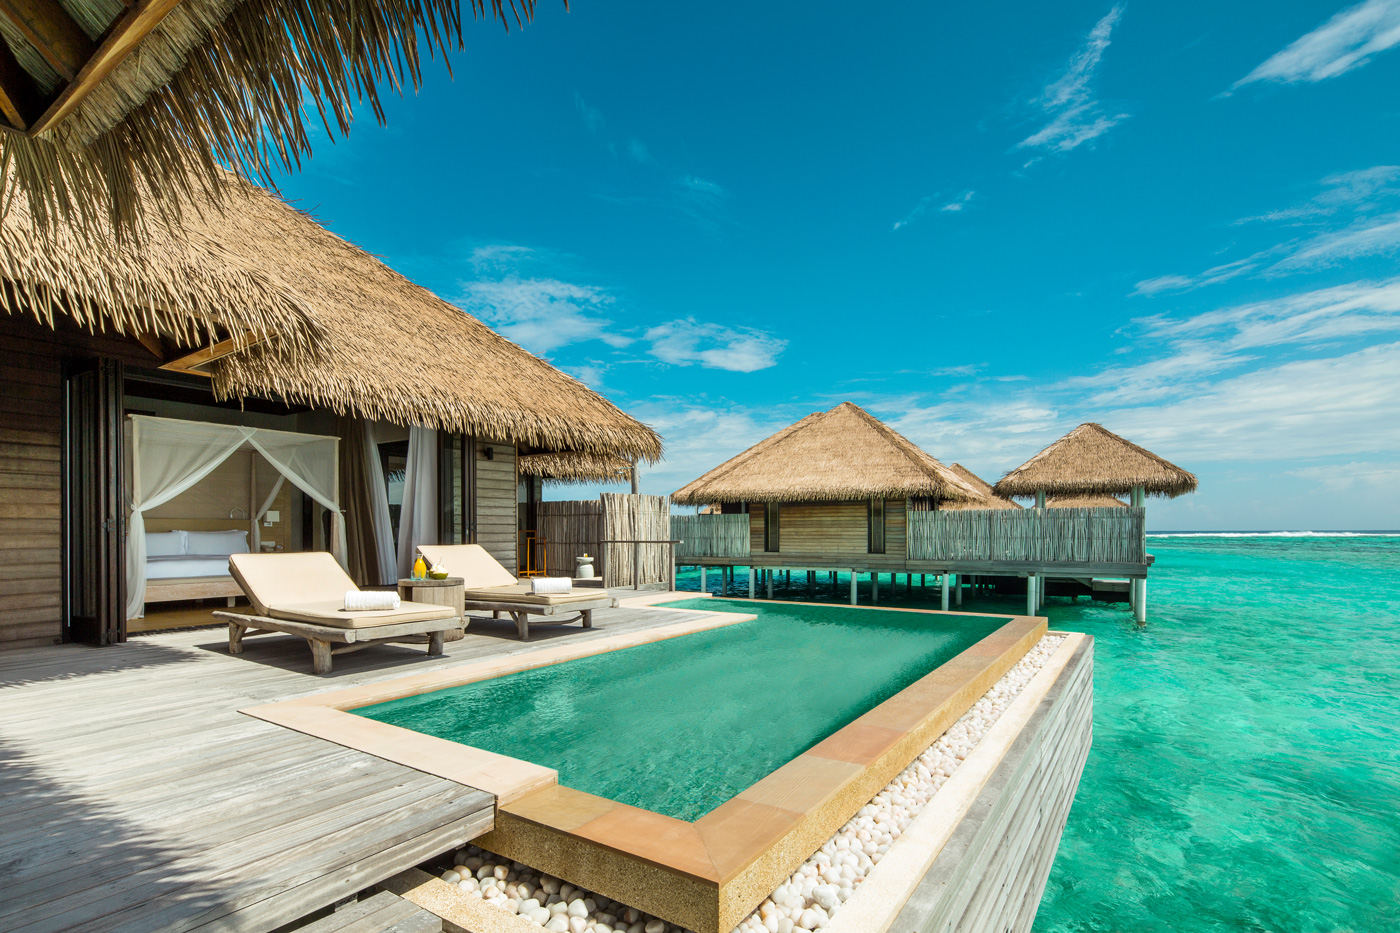 Pool-Deck einer Water Villa